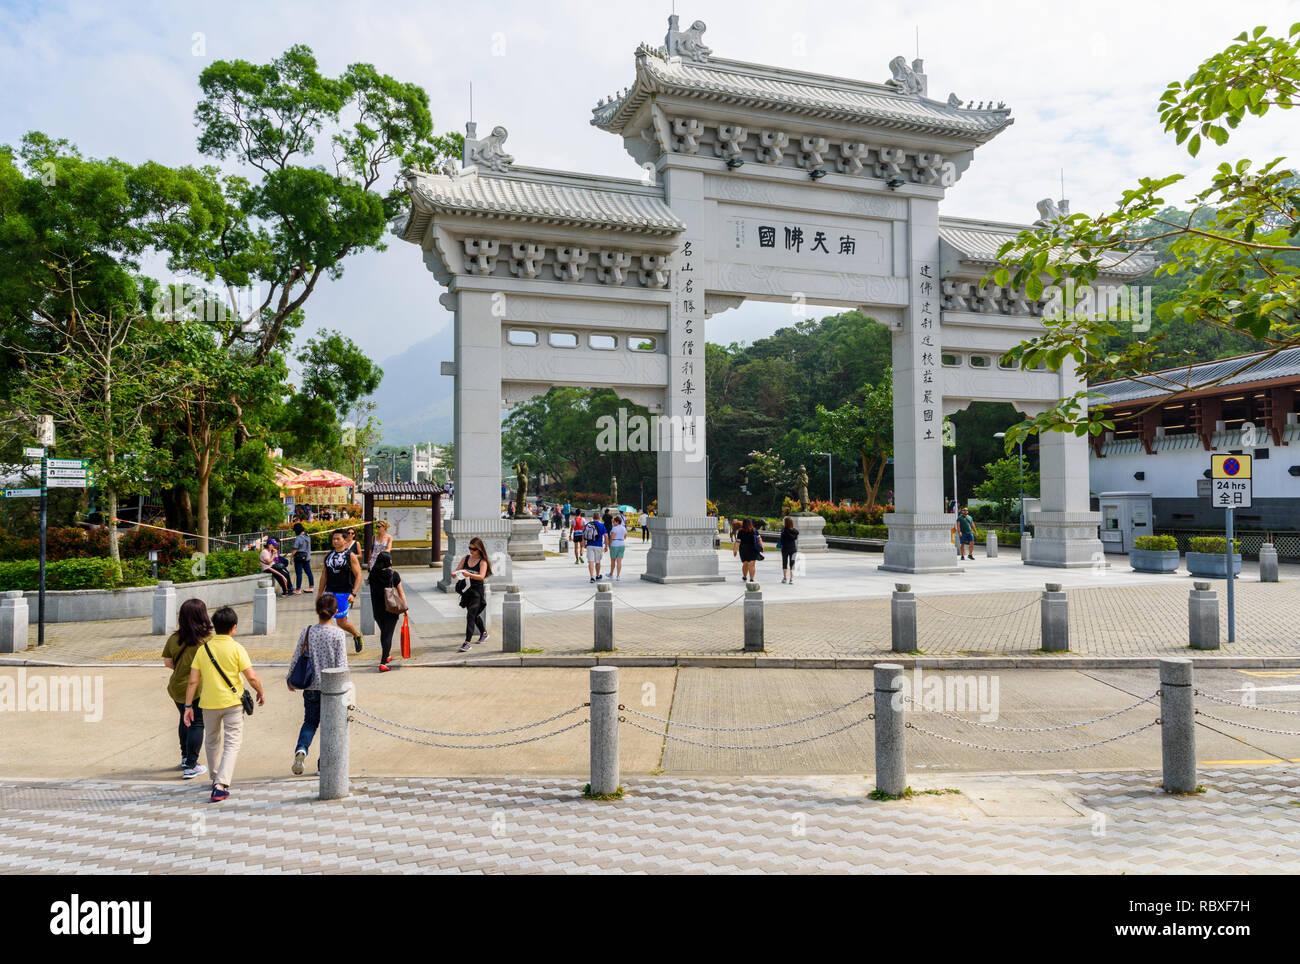 Ngong Ping Piazza grand entrance gate, Lantau Island, Hong Kong - Stock Image